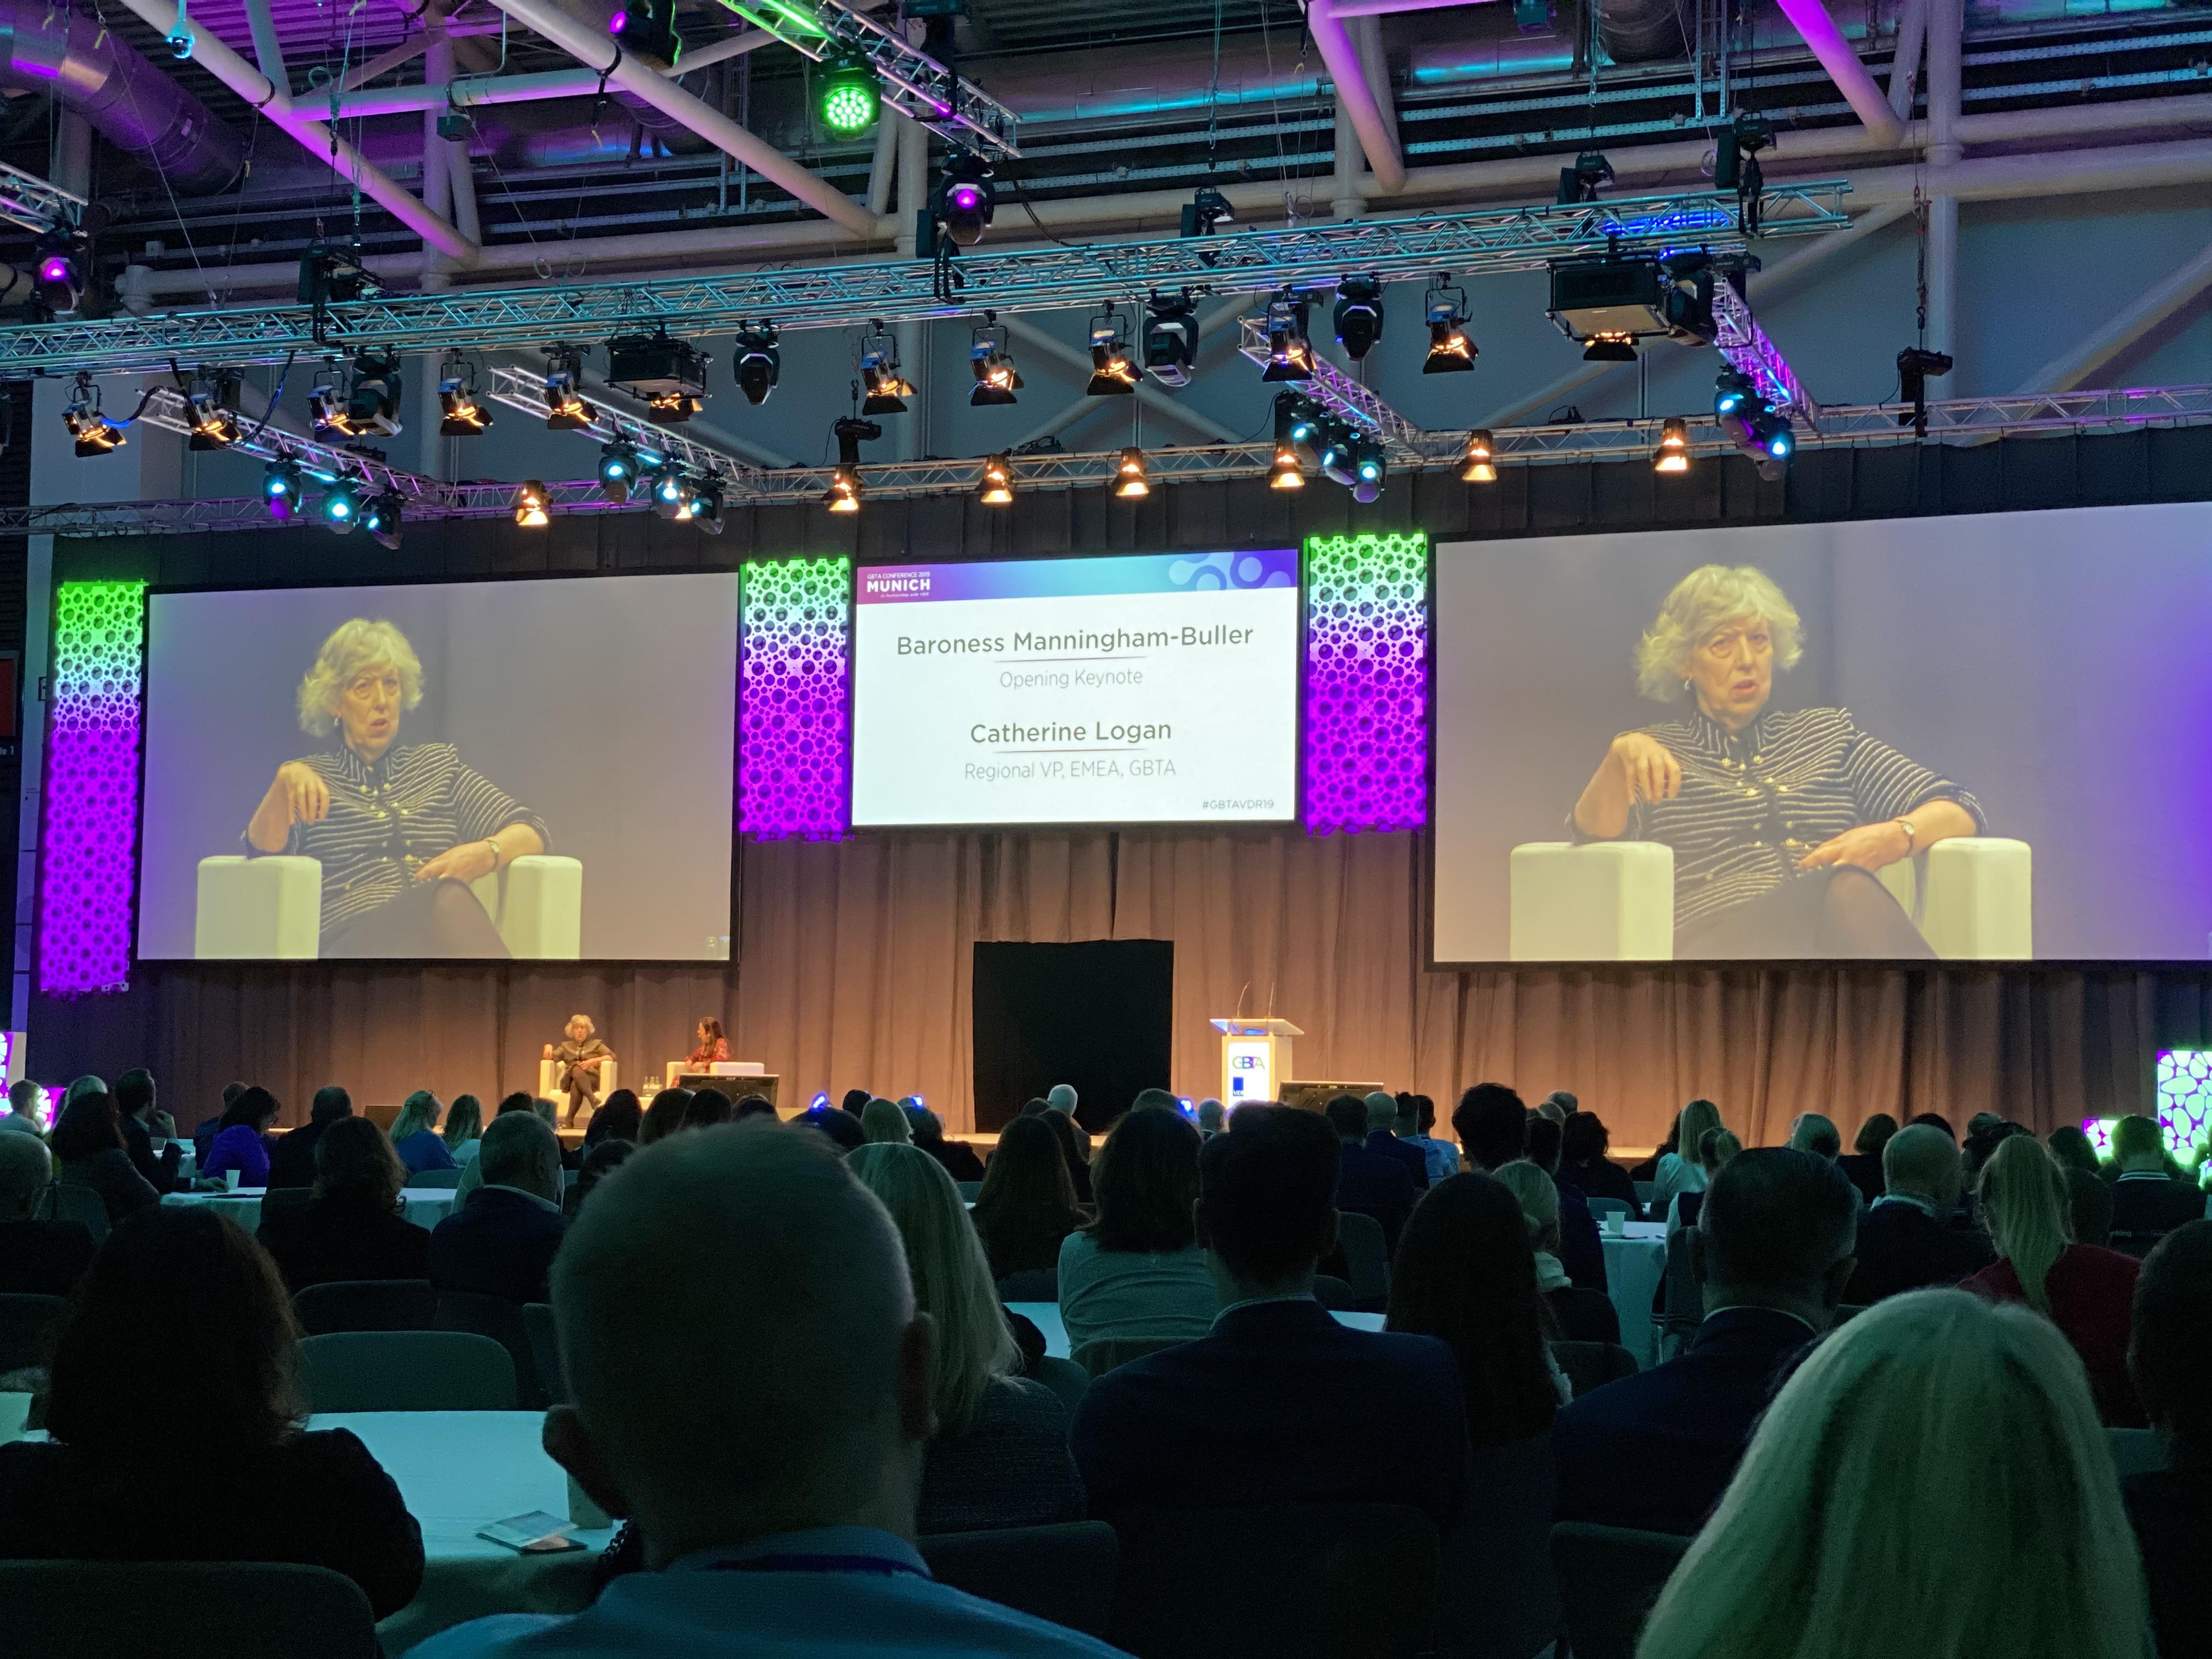 Miljøvennlige reiser årets store tema på GBTA Europa-konferansen